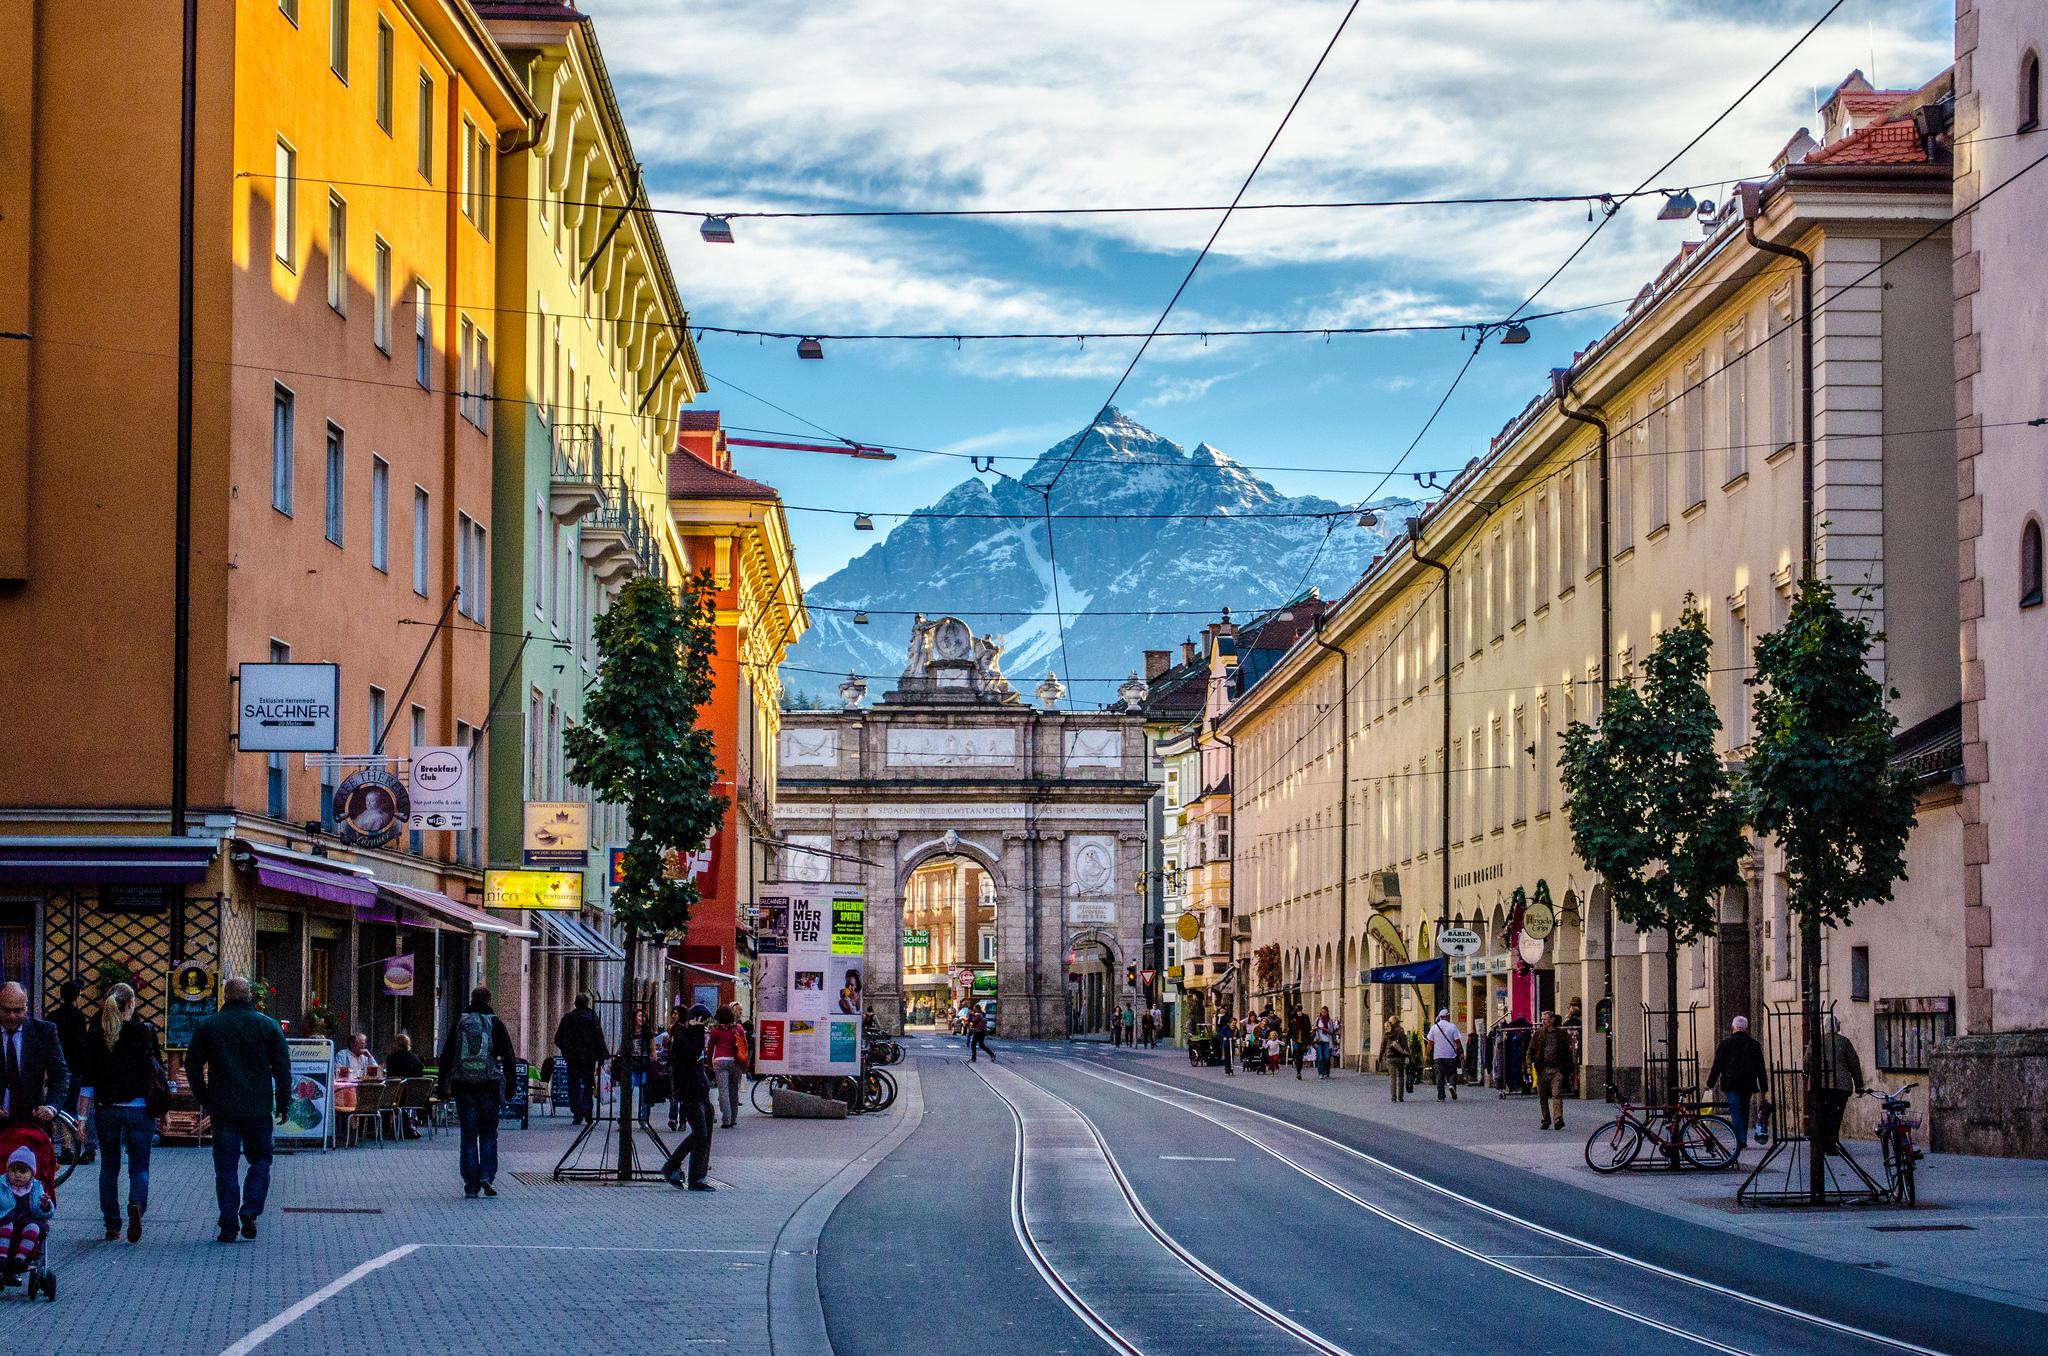 Innsbruck-Images